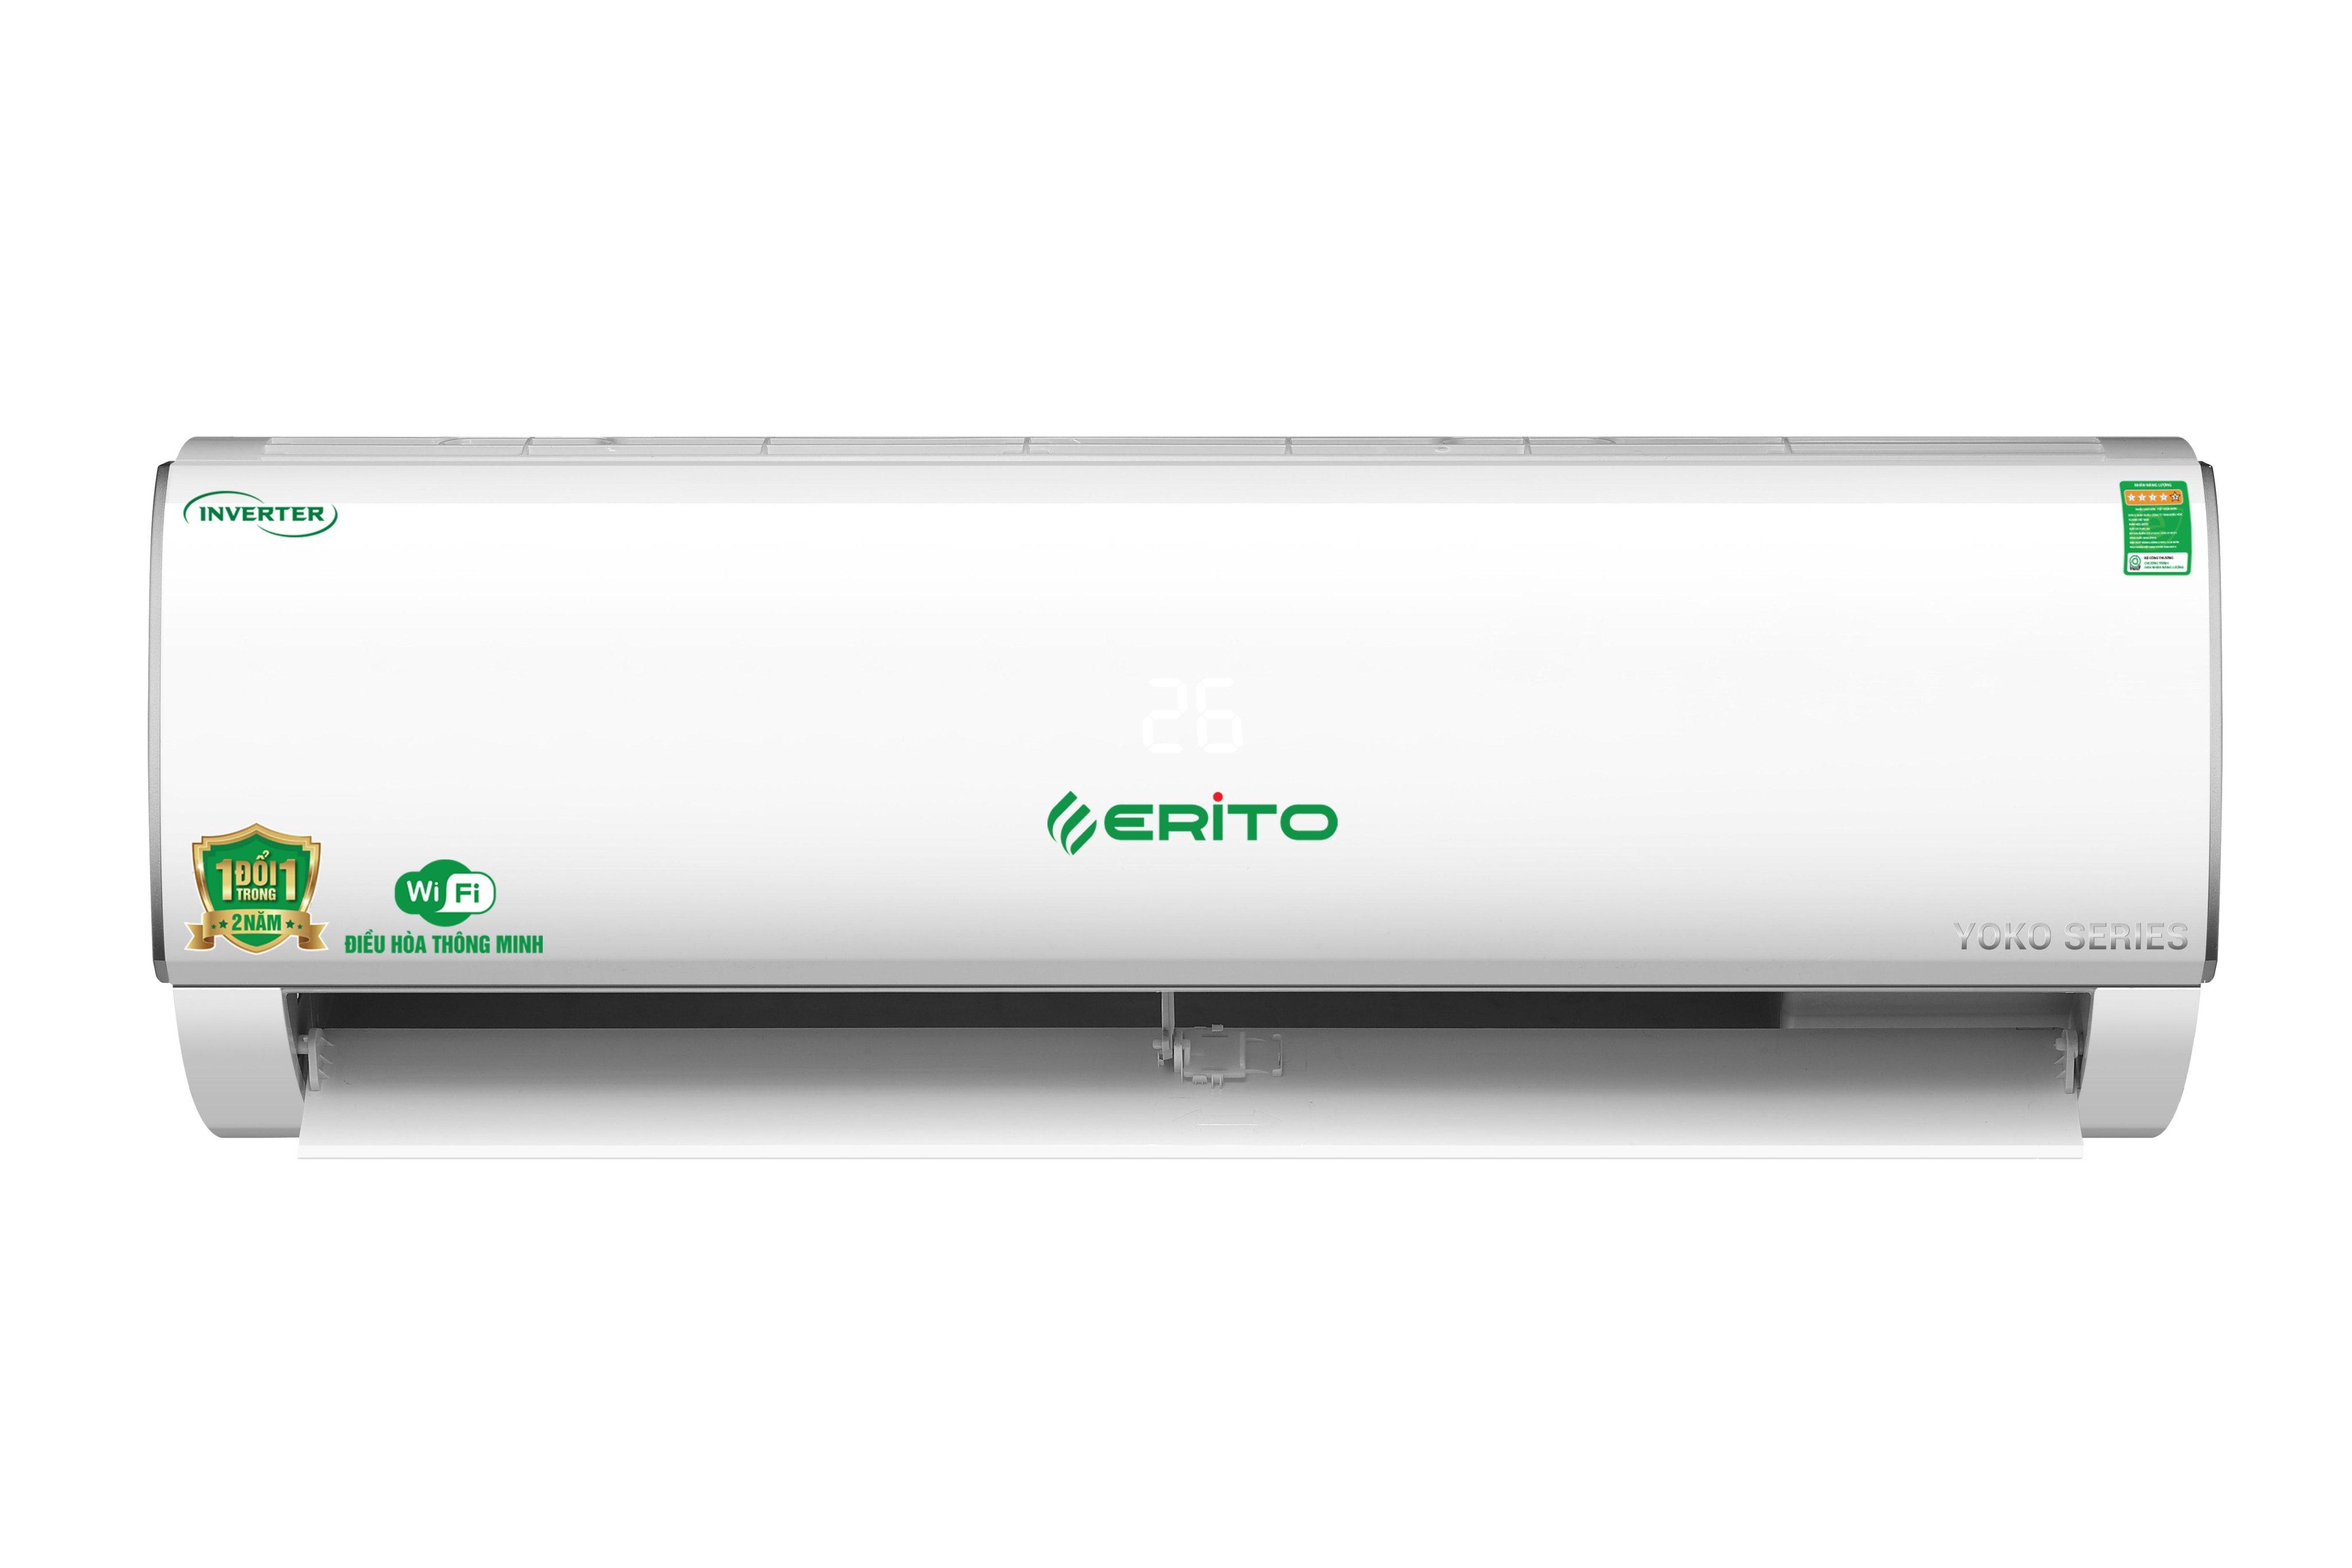 Điều hòa Yoko Series 24000BTU inverter một chiều